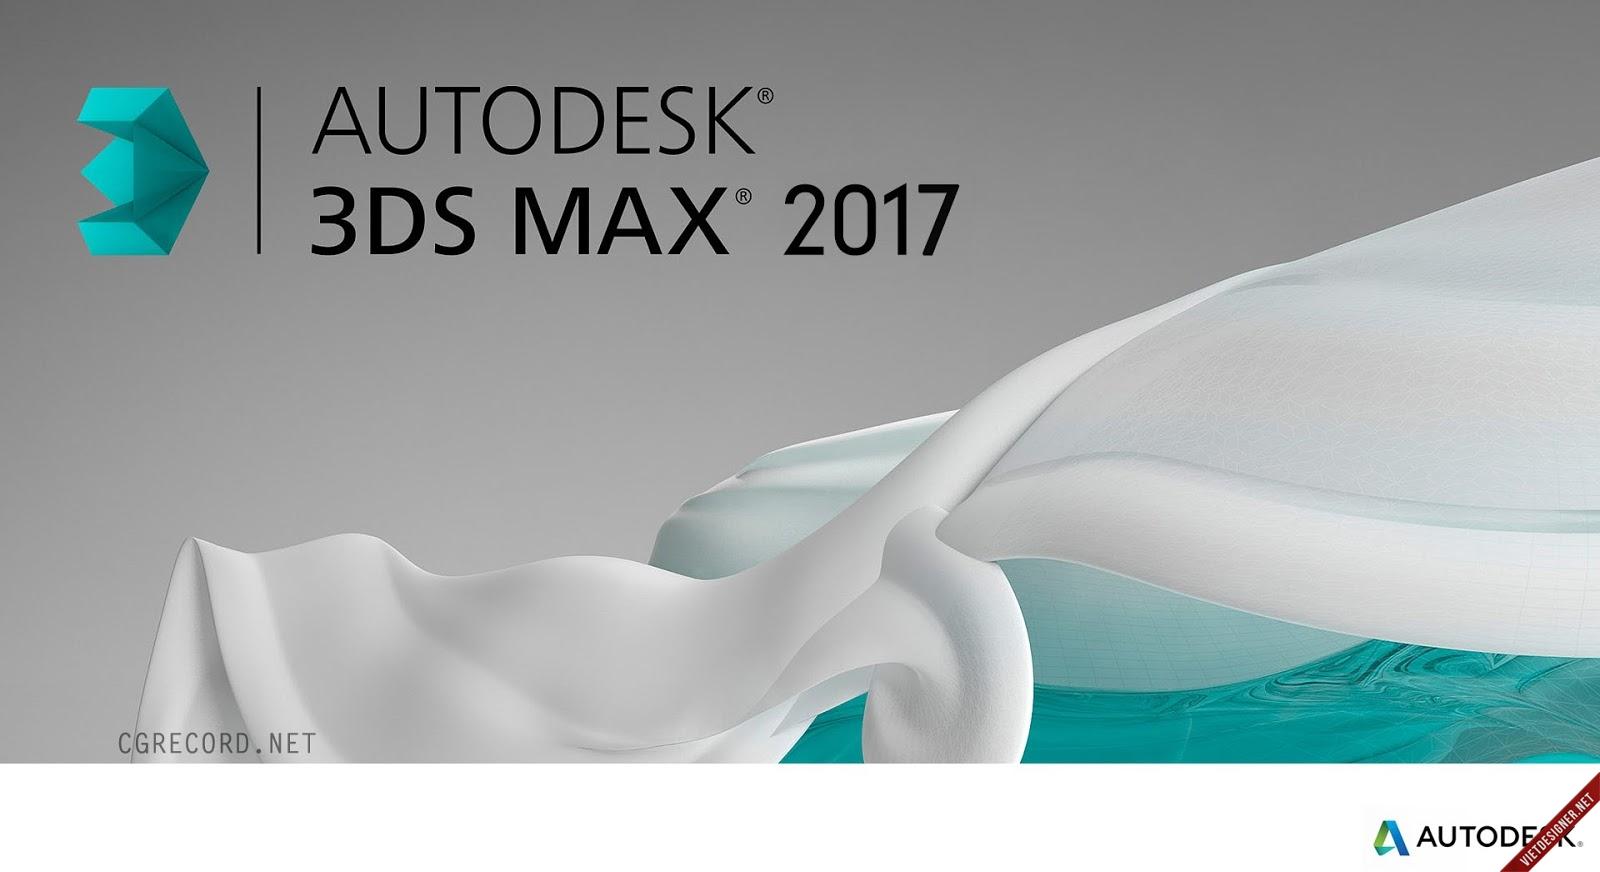 Autodesk 3ds Max 2017 full KeyGen - Chương trình đồ họa 3D chuyên nghiệp